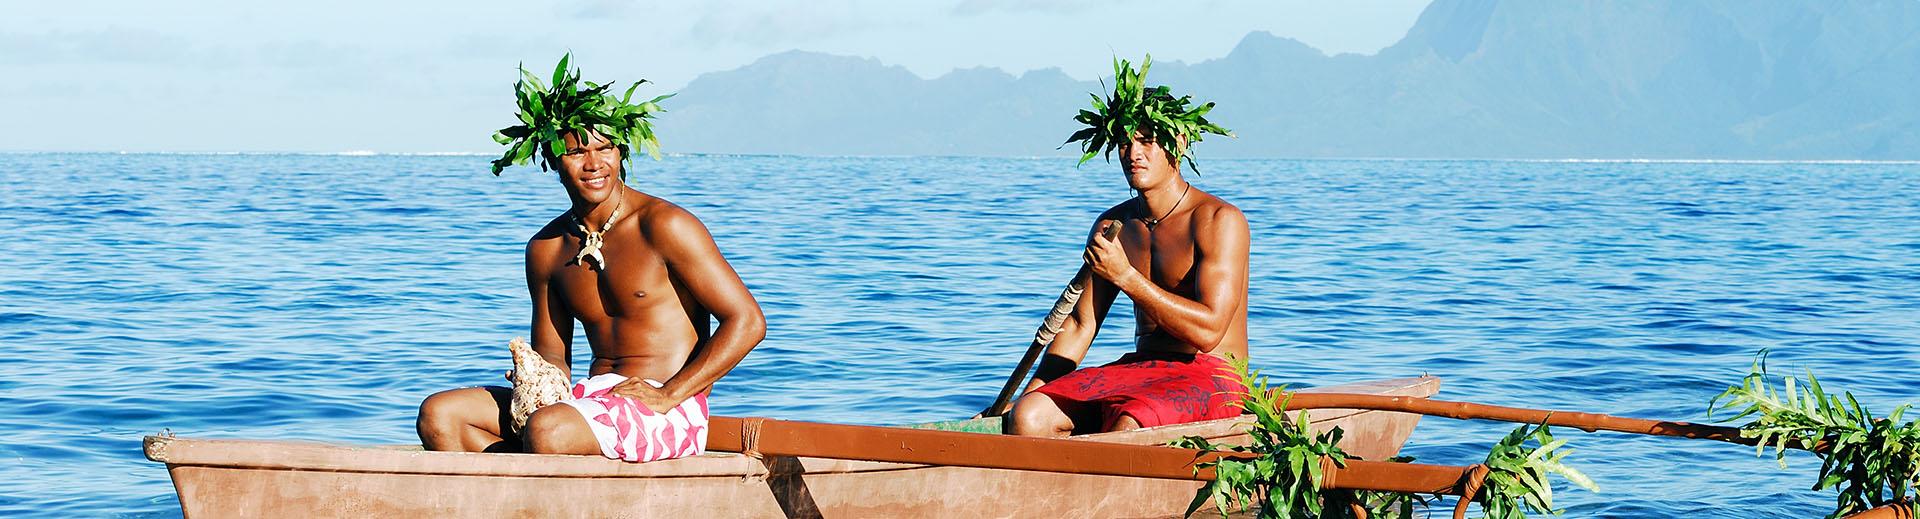 https://tahititourisme.fr/wp-content/uploads/2019/01/©Raymond_Sahuquet_Tahiti-Tourisme.jpg